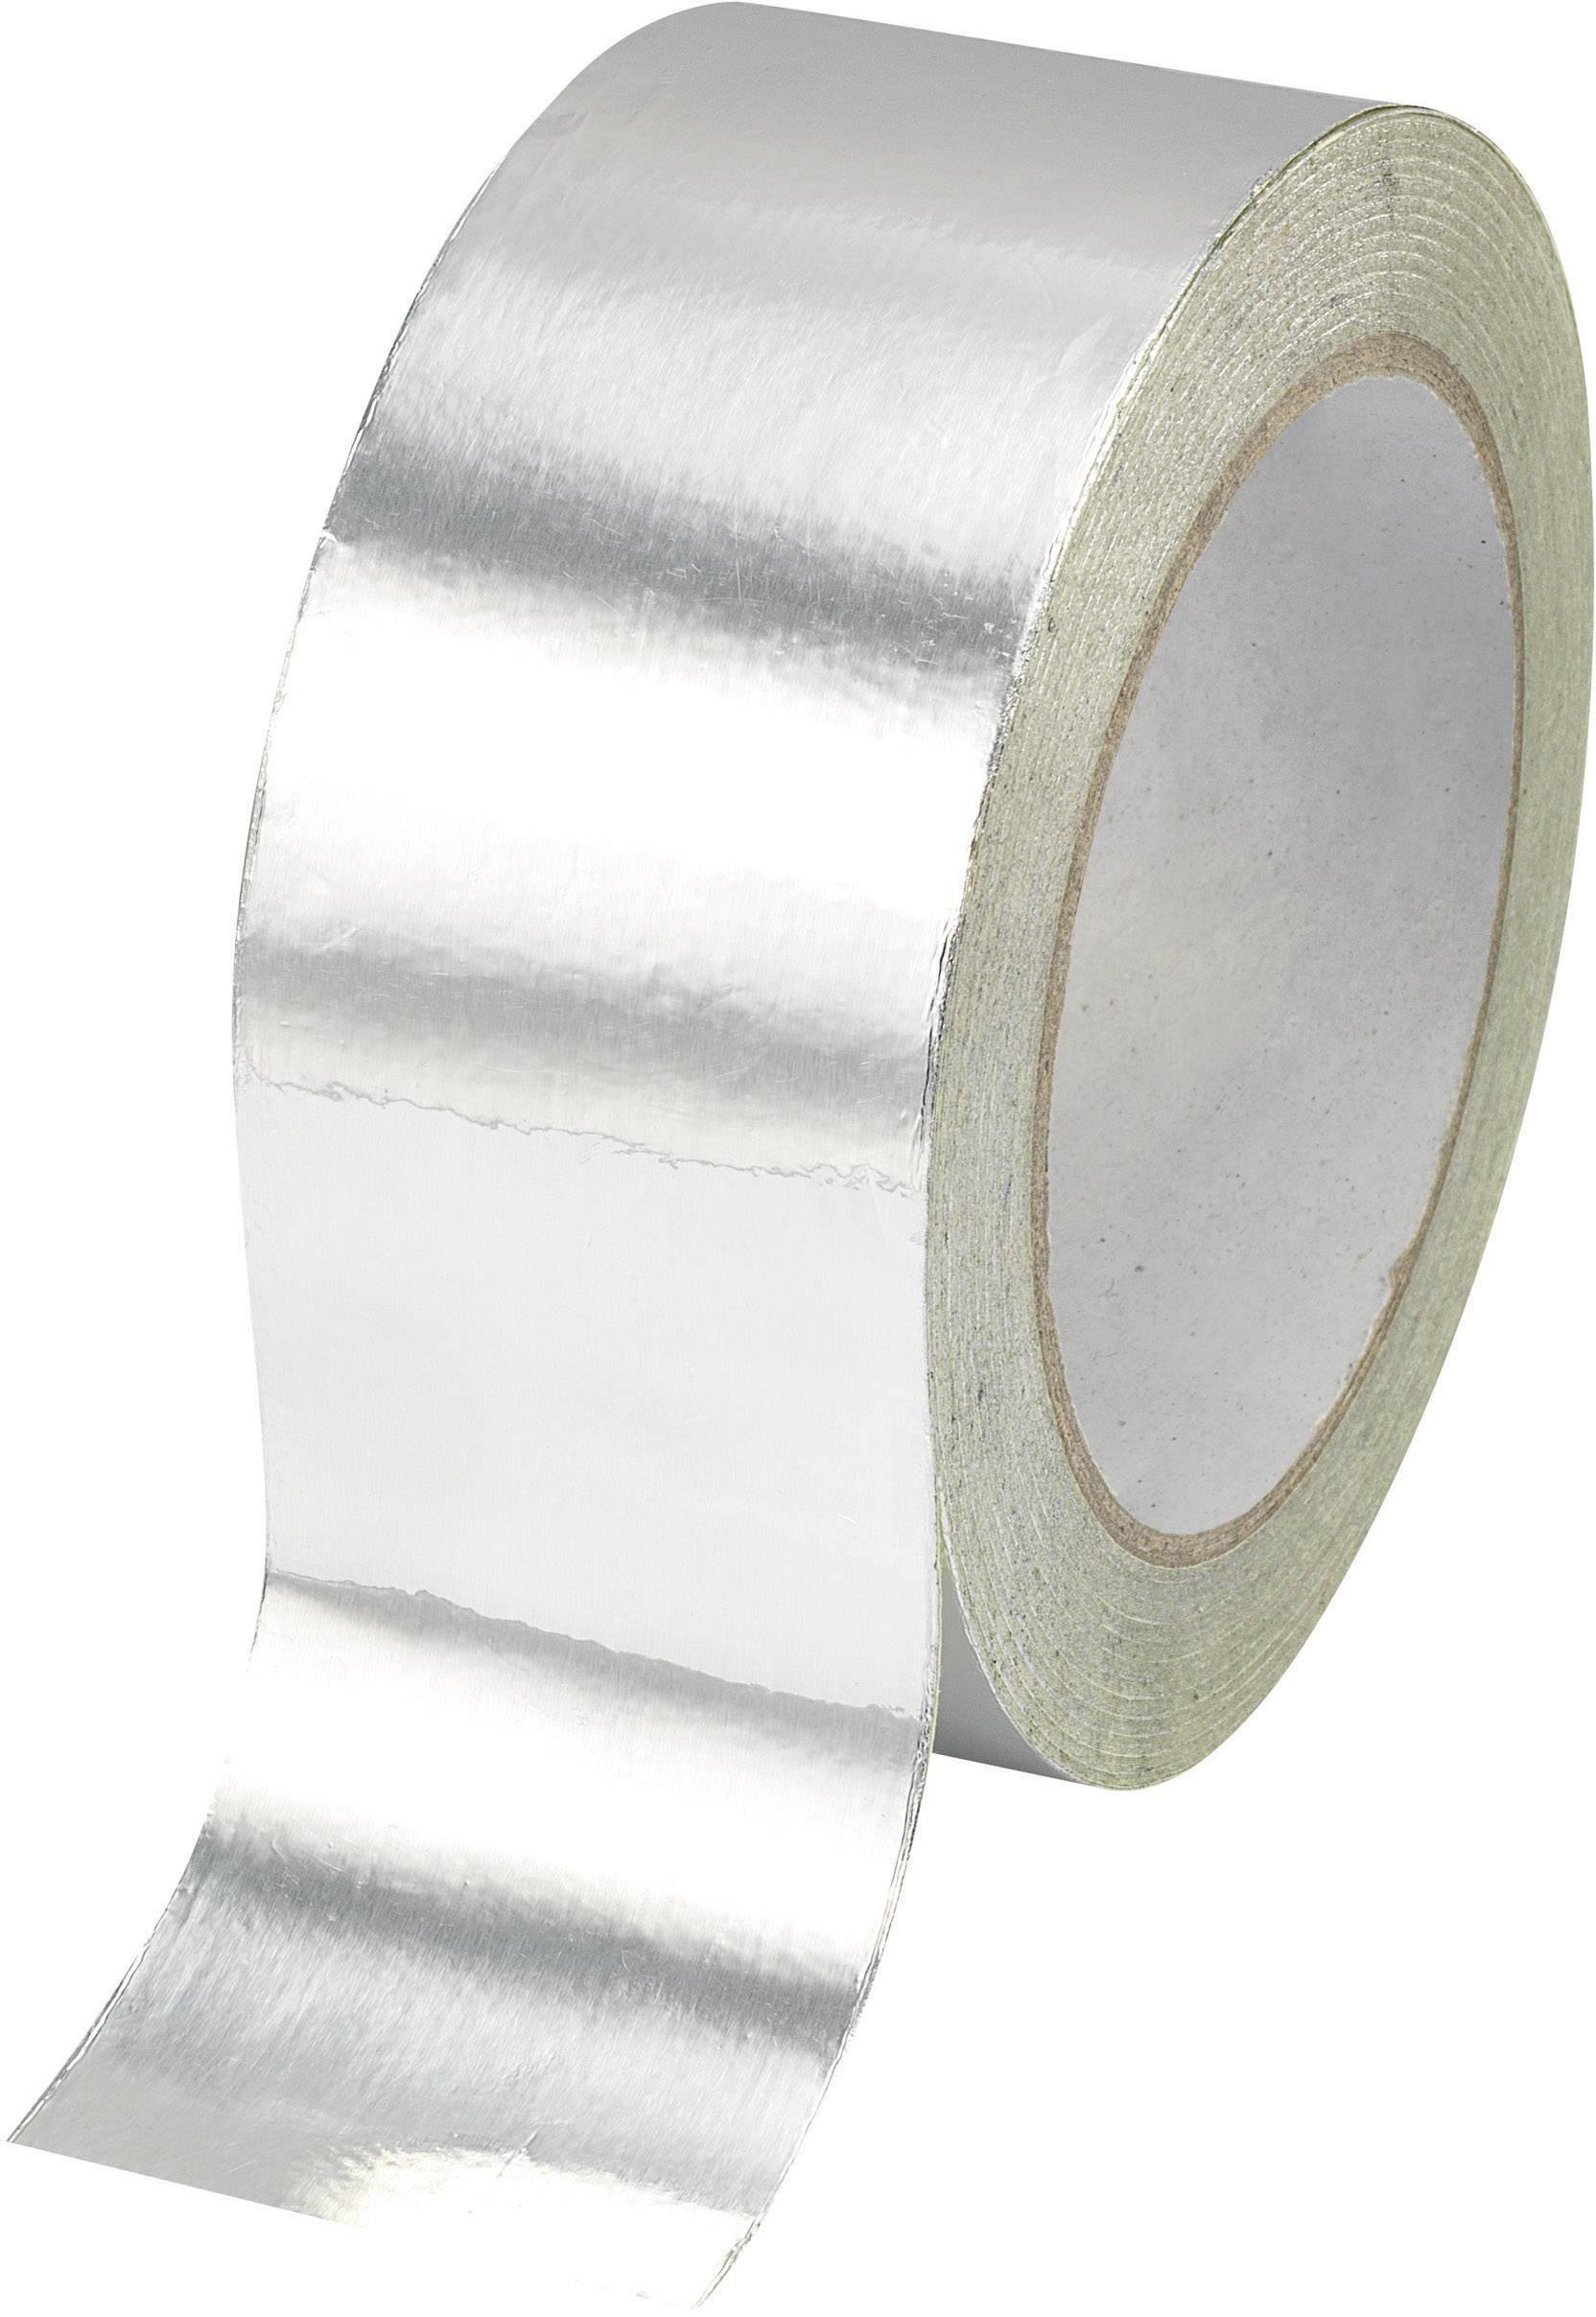 Hliníková páska TRU COMPONENTS AFT-5050 1564032, (d x š) 50 m x 50 mm, akryl, stříbrná, 1 role